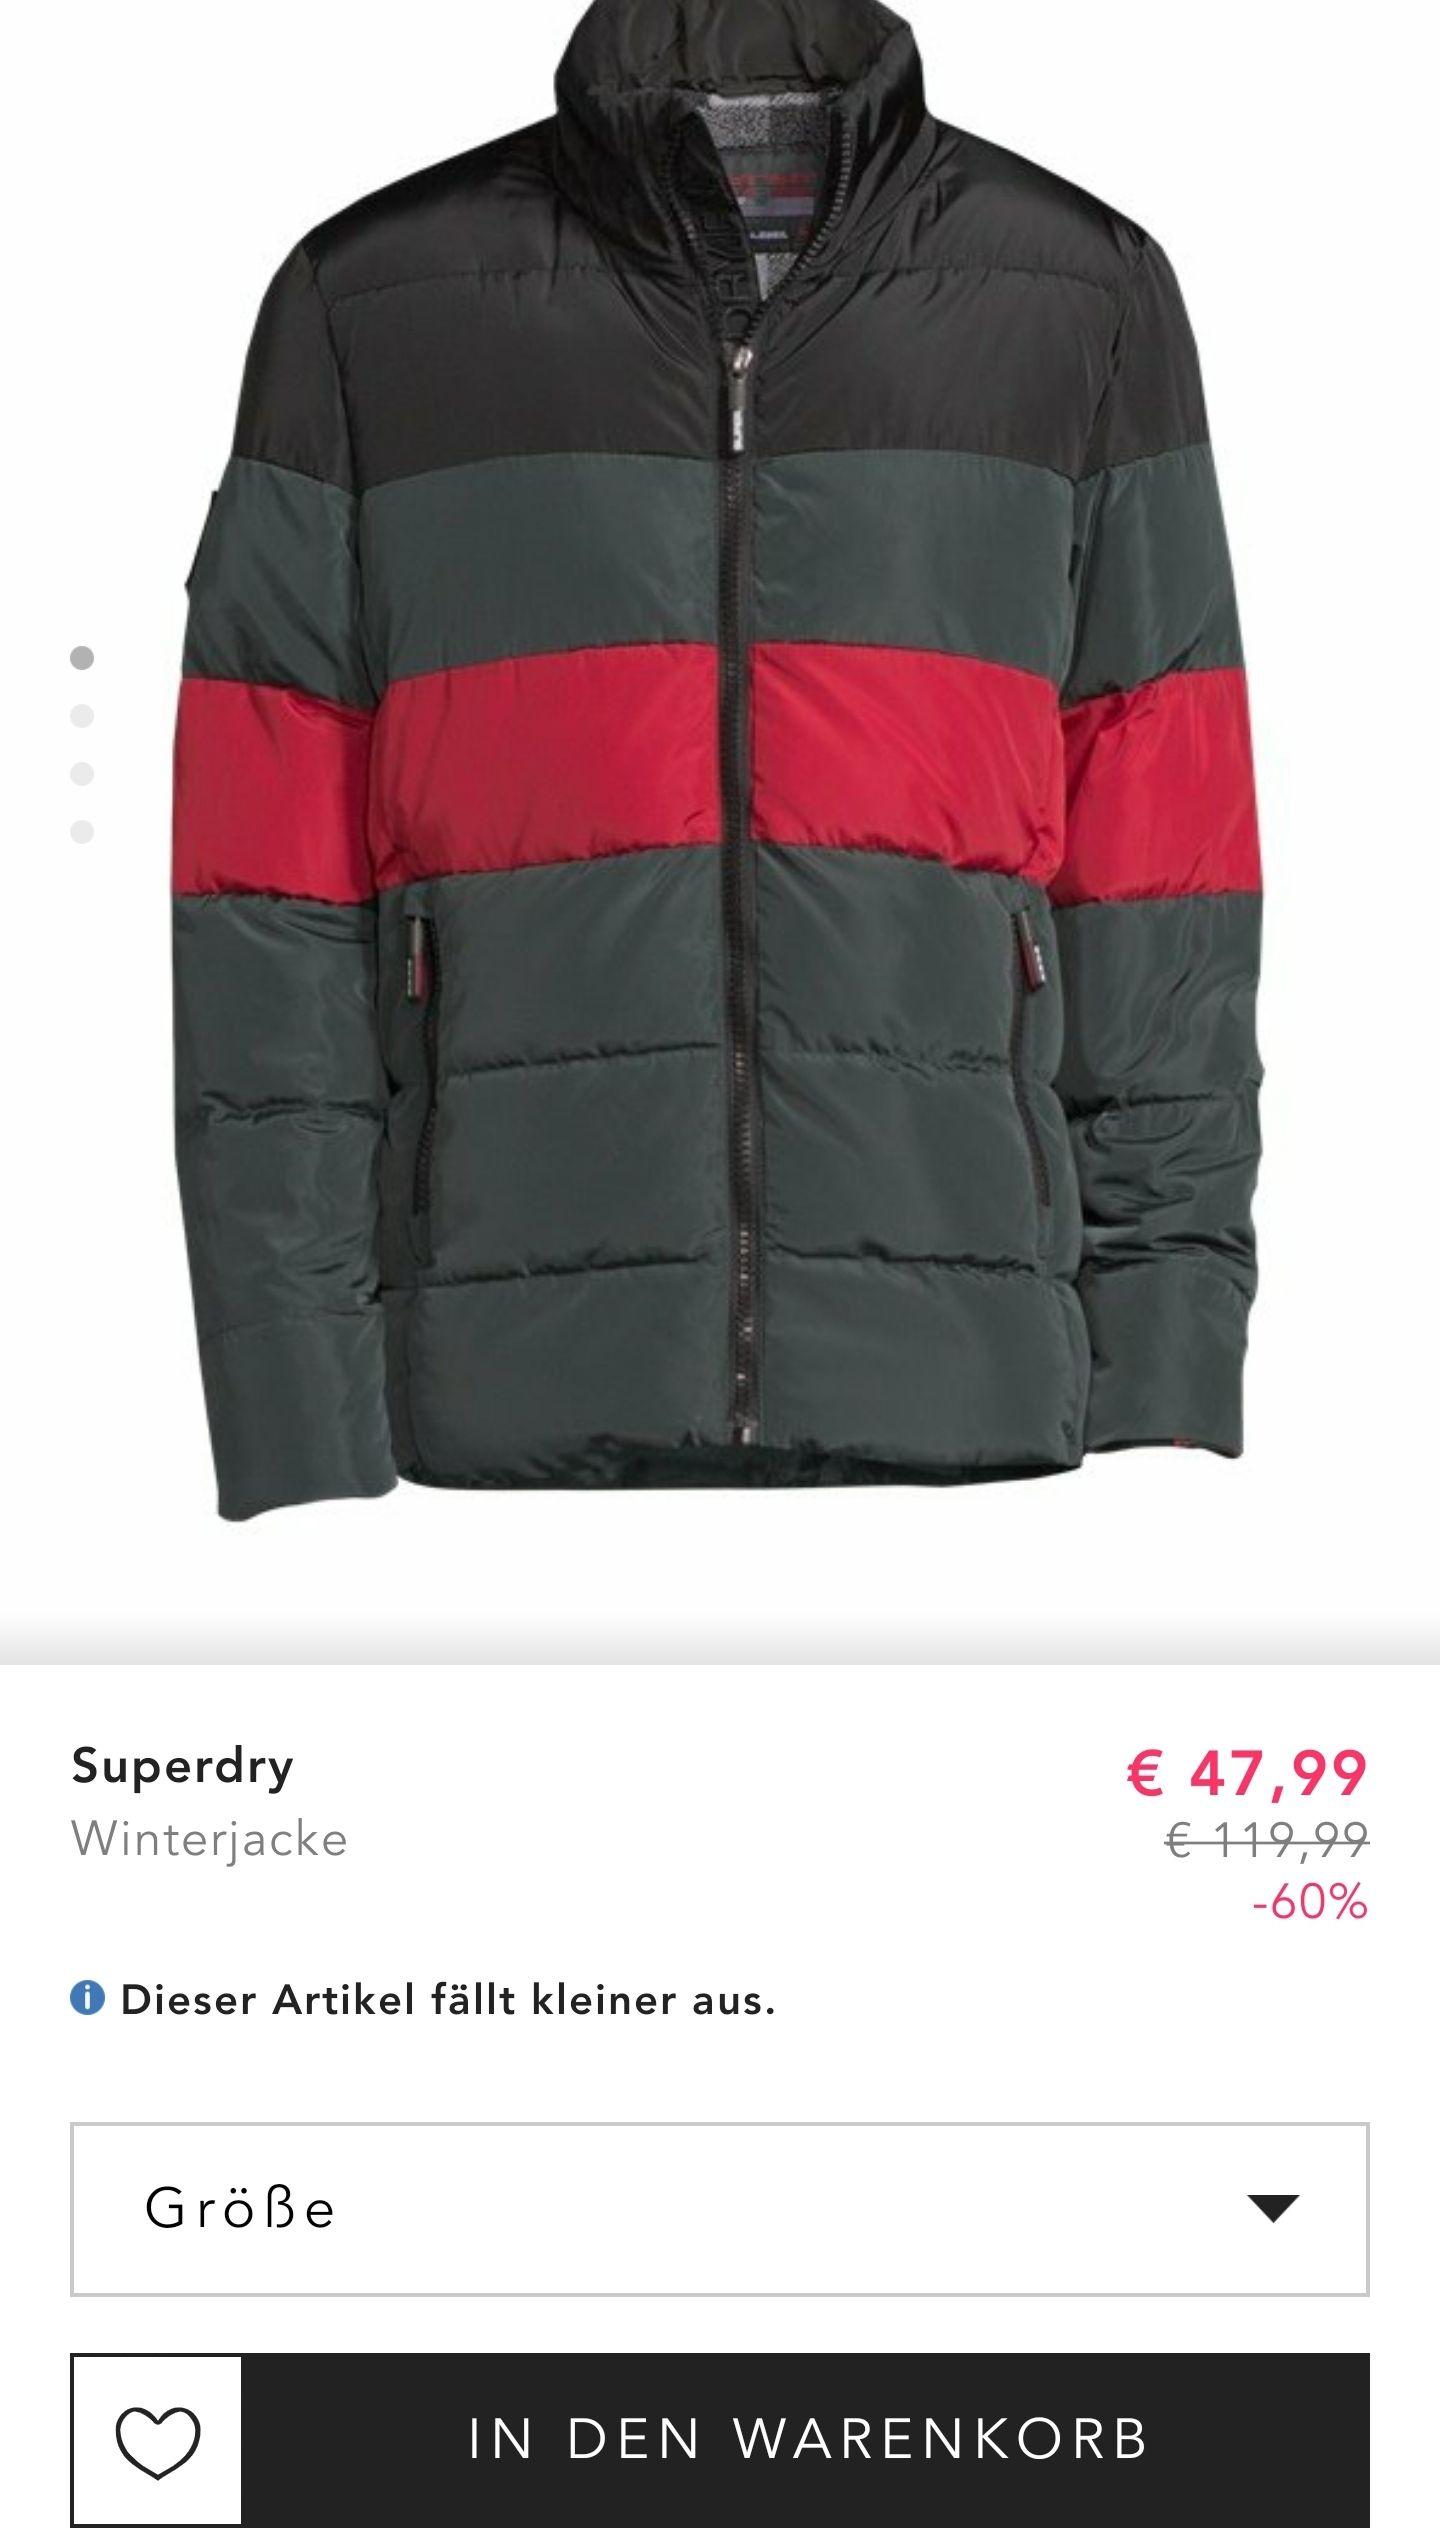 Superdry Winterjacke im Angebot bei Bestsecret